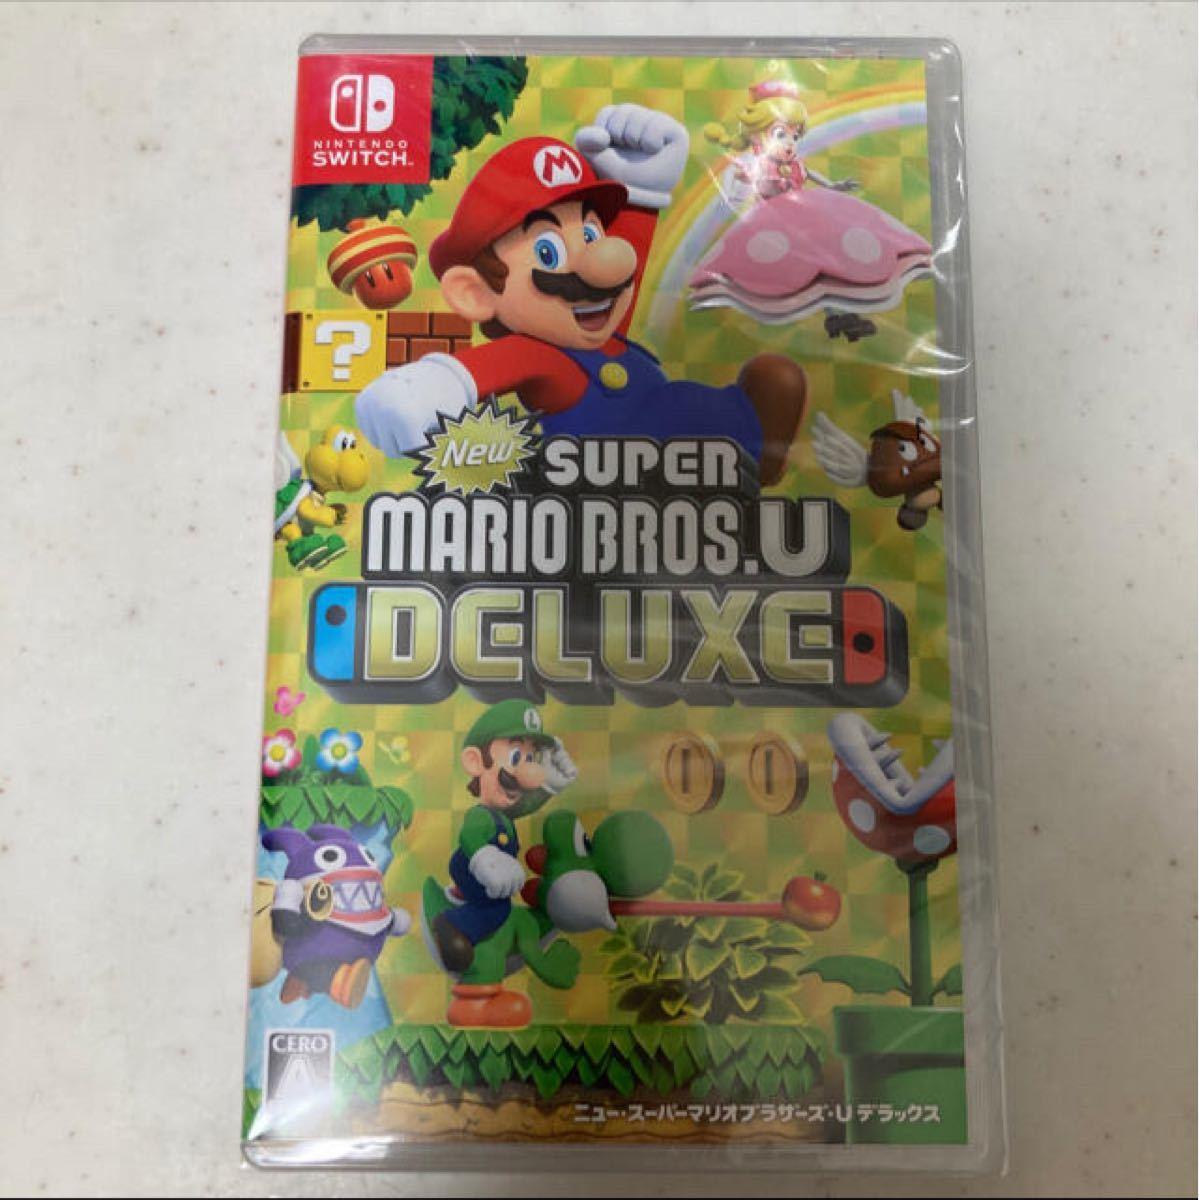 Nintendo Switch NewスーパーマリオブラザーズUデラックス ソフト パッケージ版  ニンテンドースイッチ